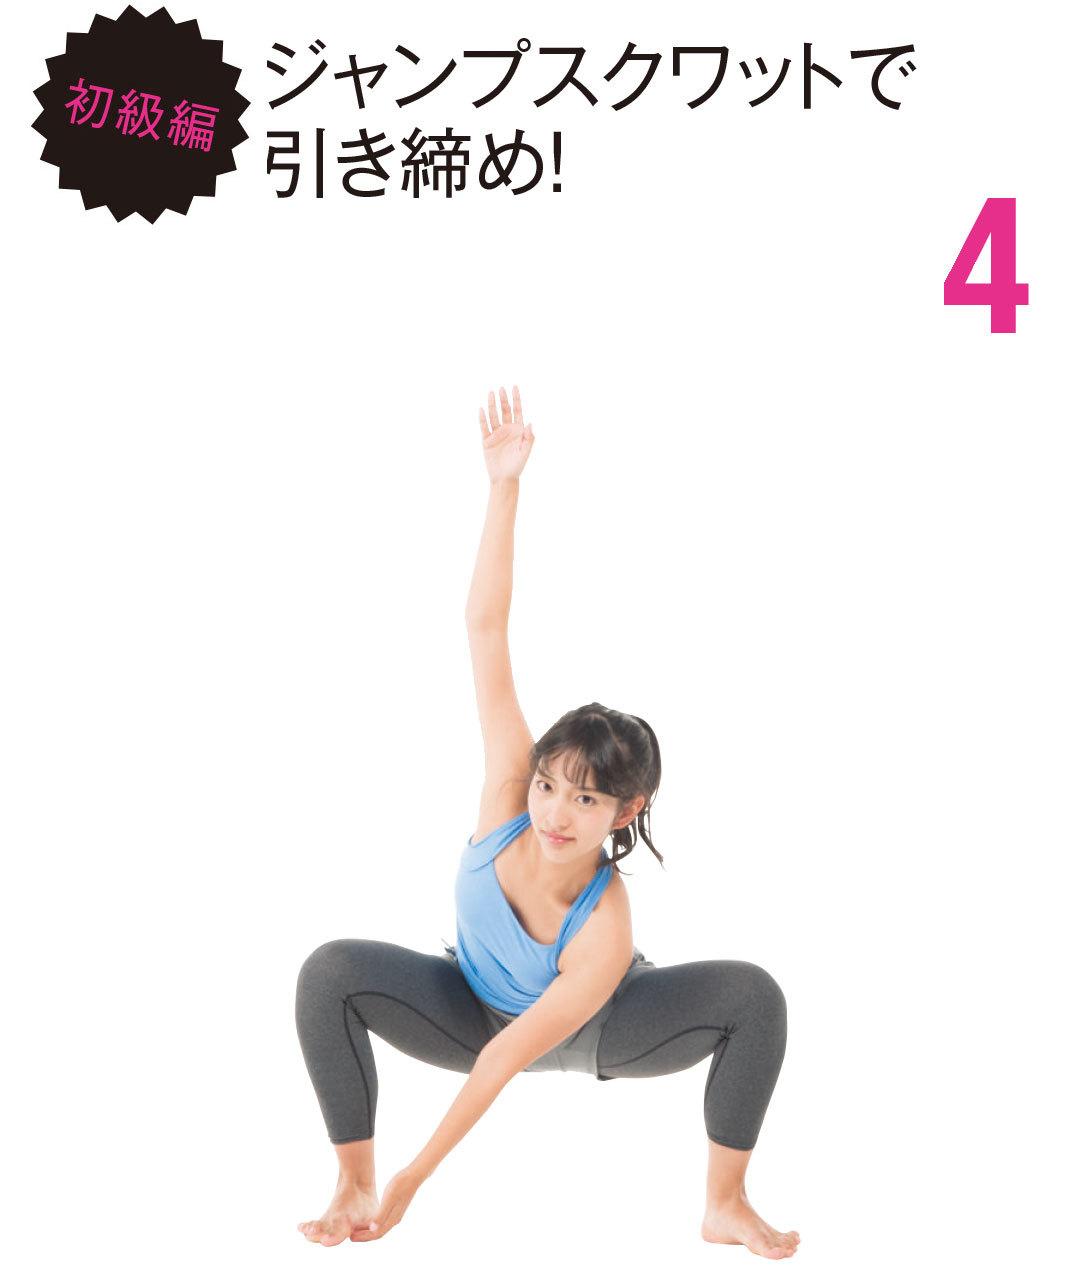 太もも痩せしたい! 1畳スペースでできる簡単筋トレをAYAさんが伝授♡ _1_2-5